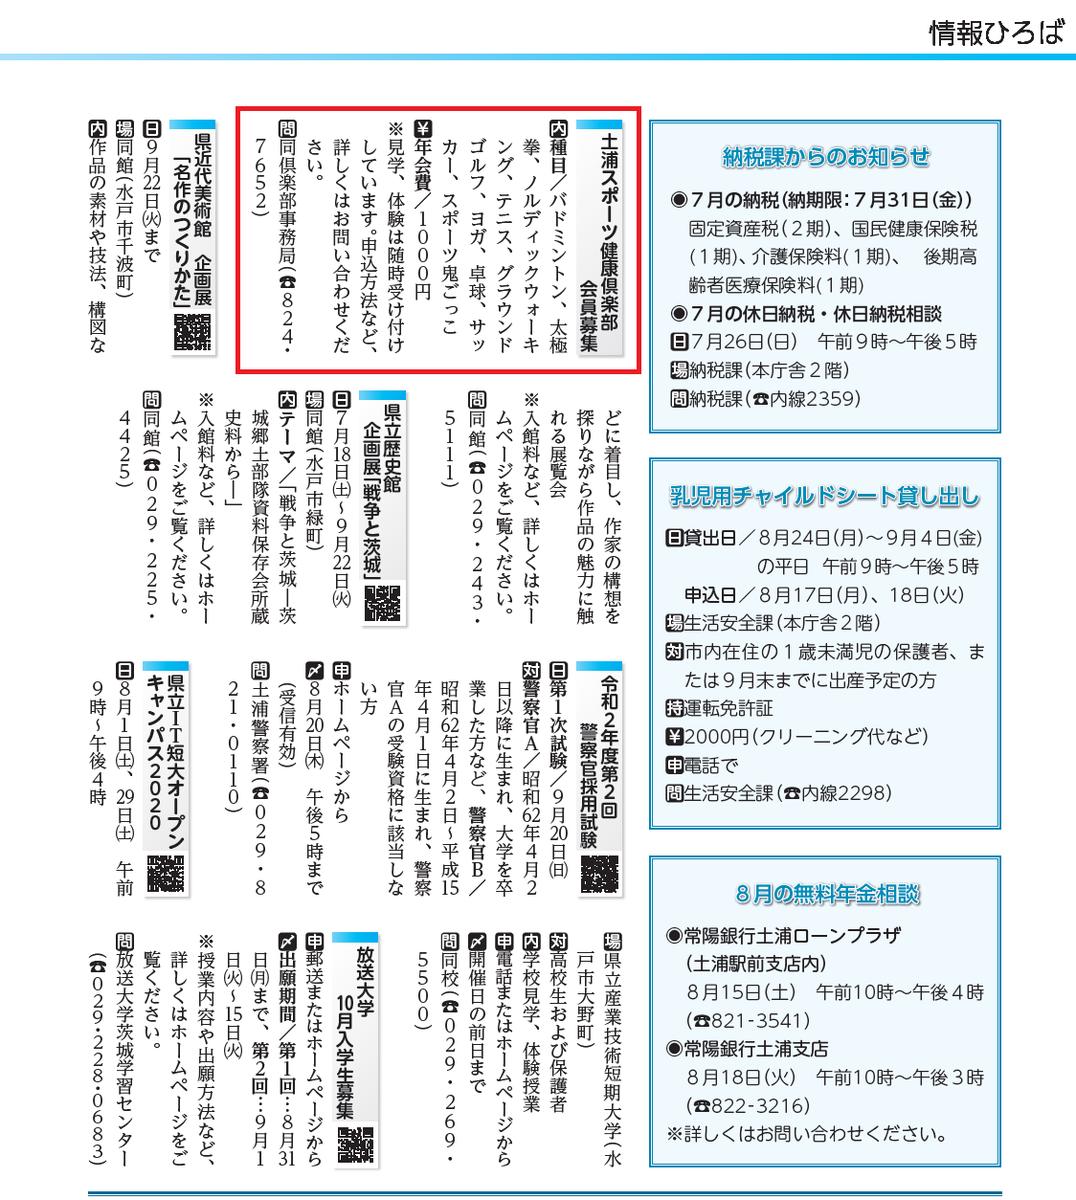 f:id:tsuchiura:20200715175144p:plain